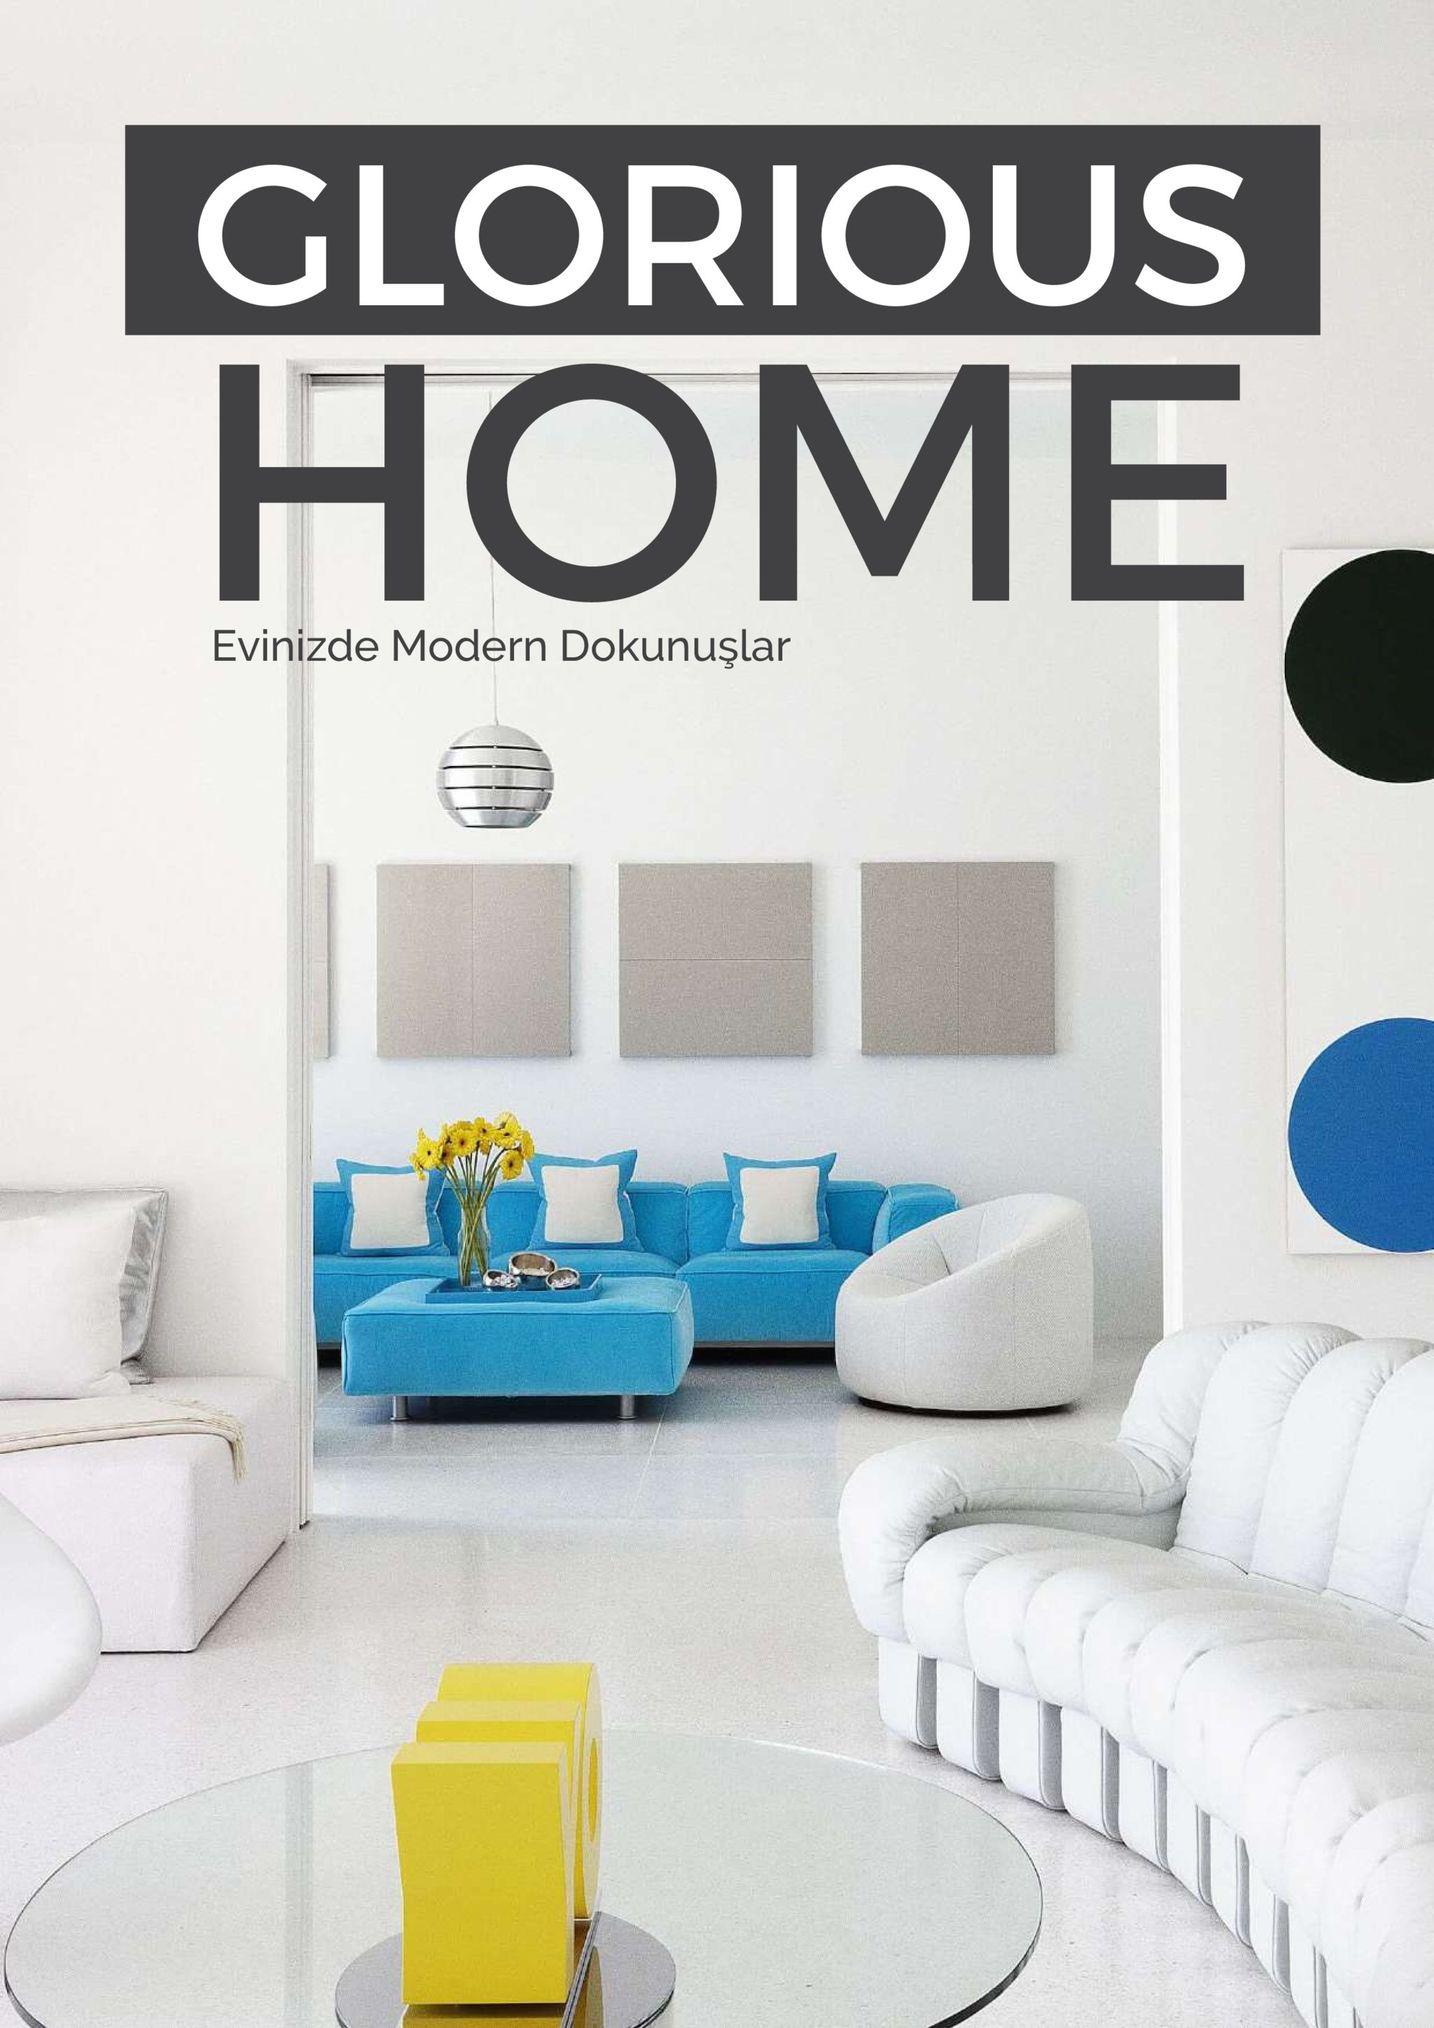 glorious home evinizde modern dokunuşlar